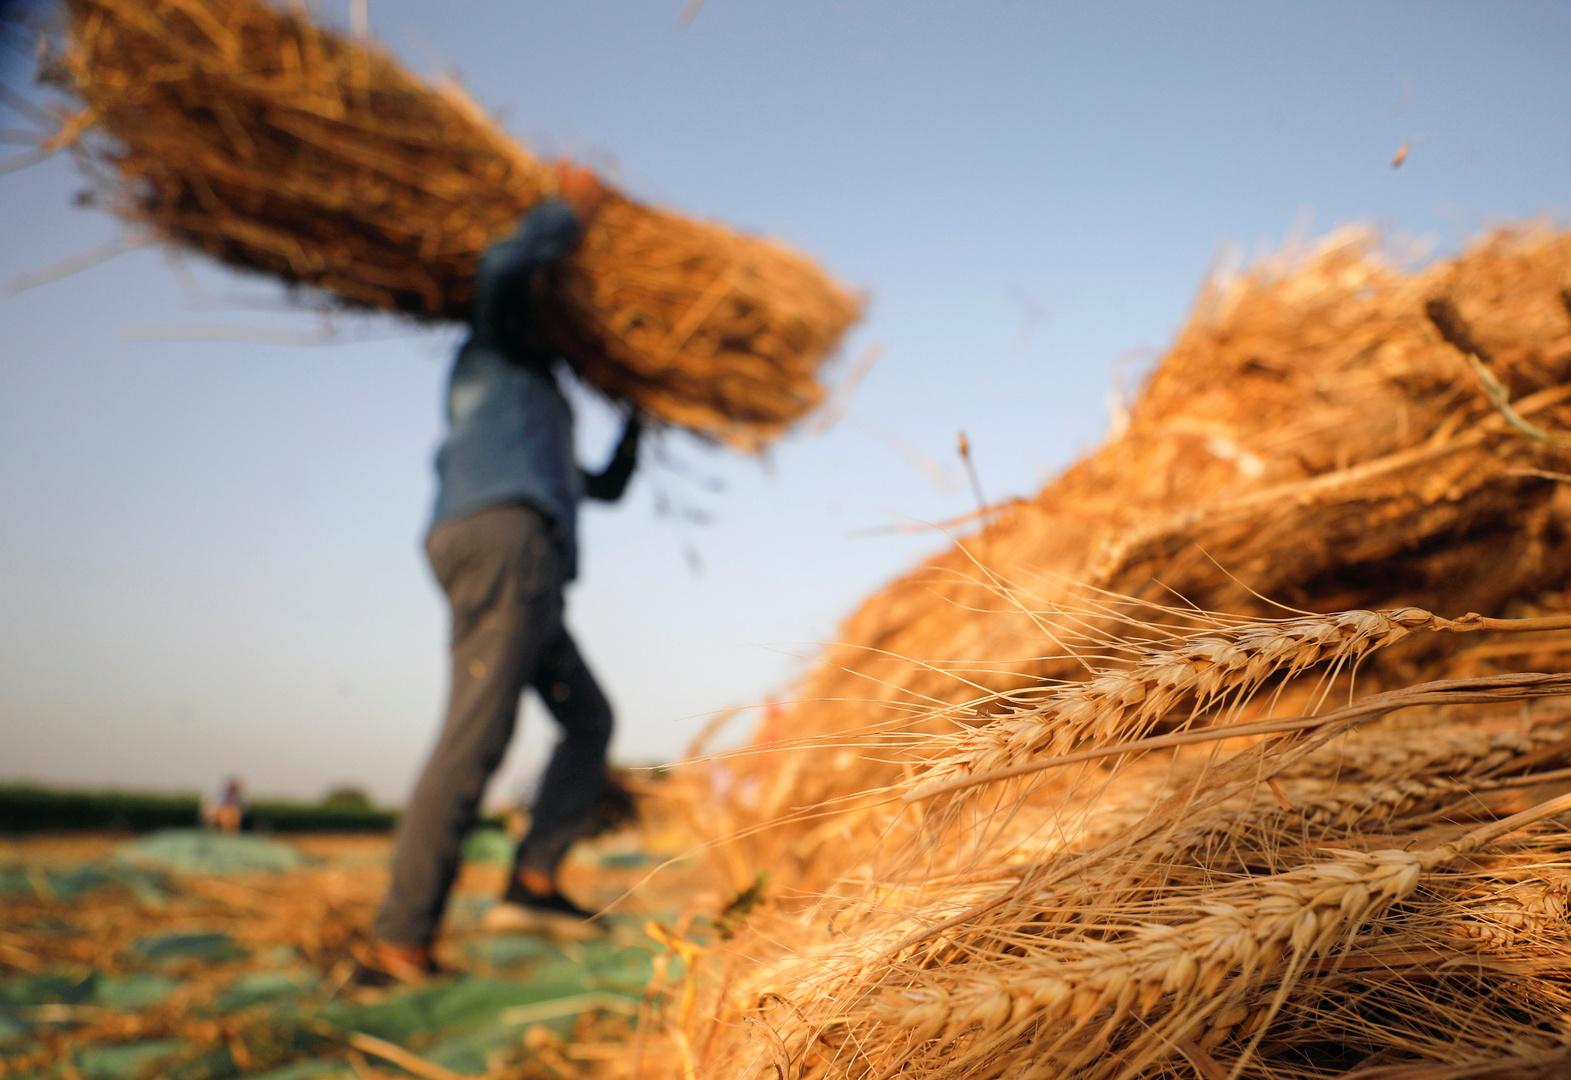 المالية المصرية تؤكد أنها ستدفع ضريبة قيمة مضافة على شحن شحنات القمح المستوردة لحين تعديل القانون